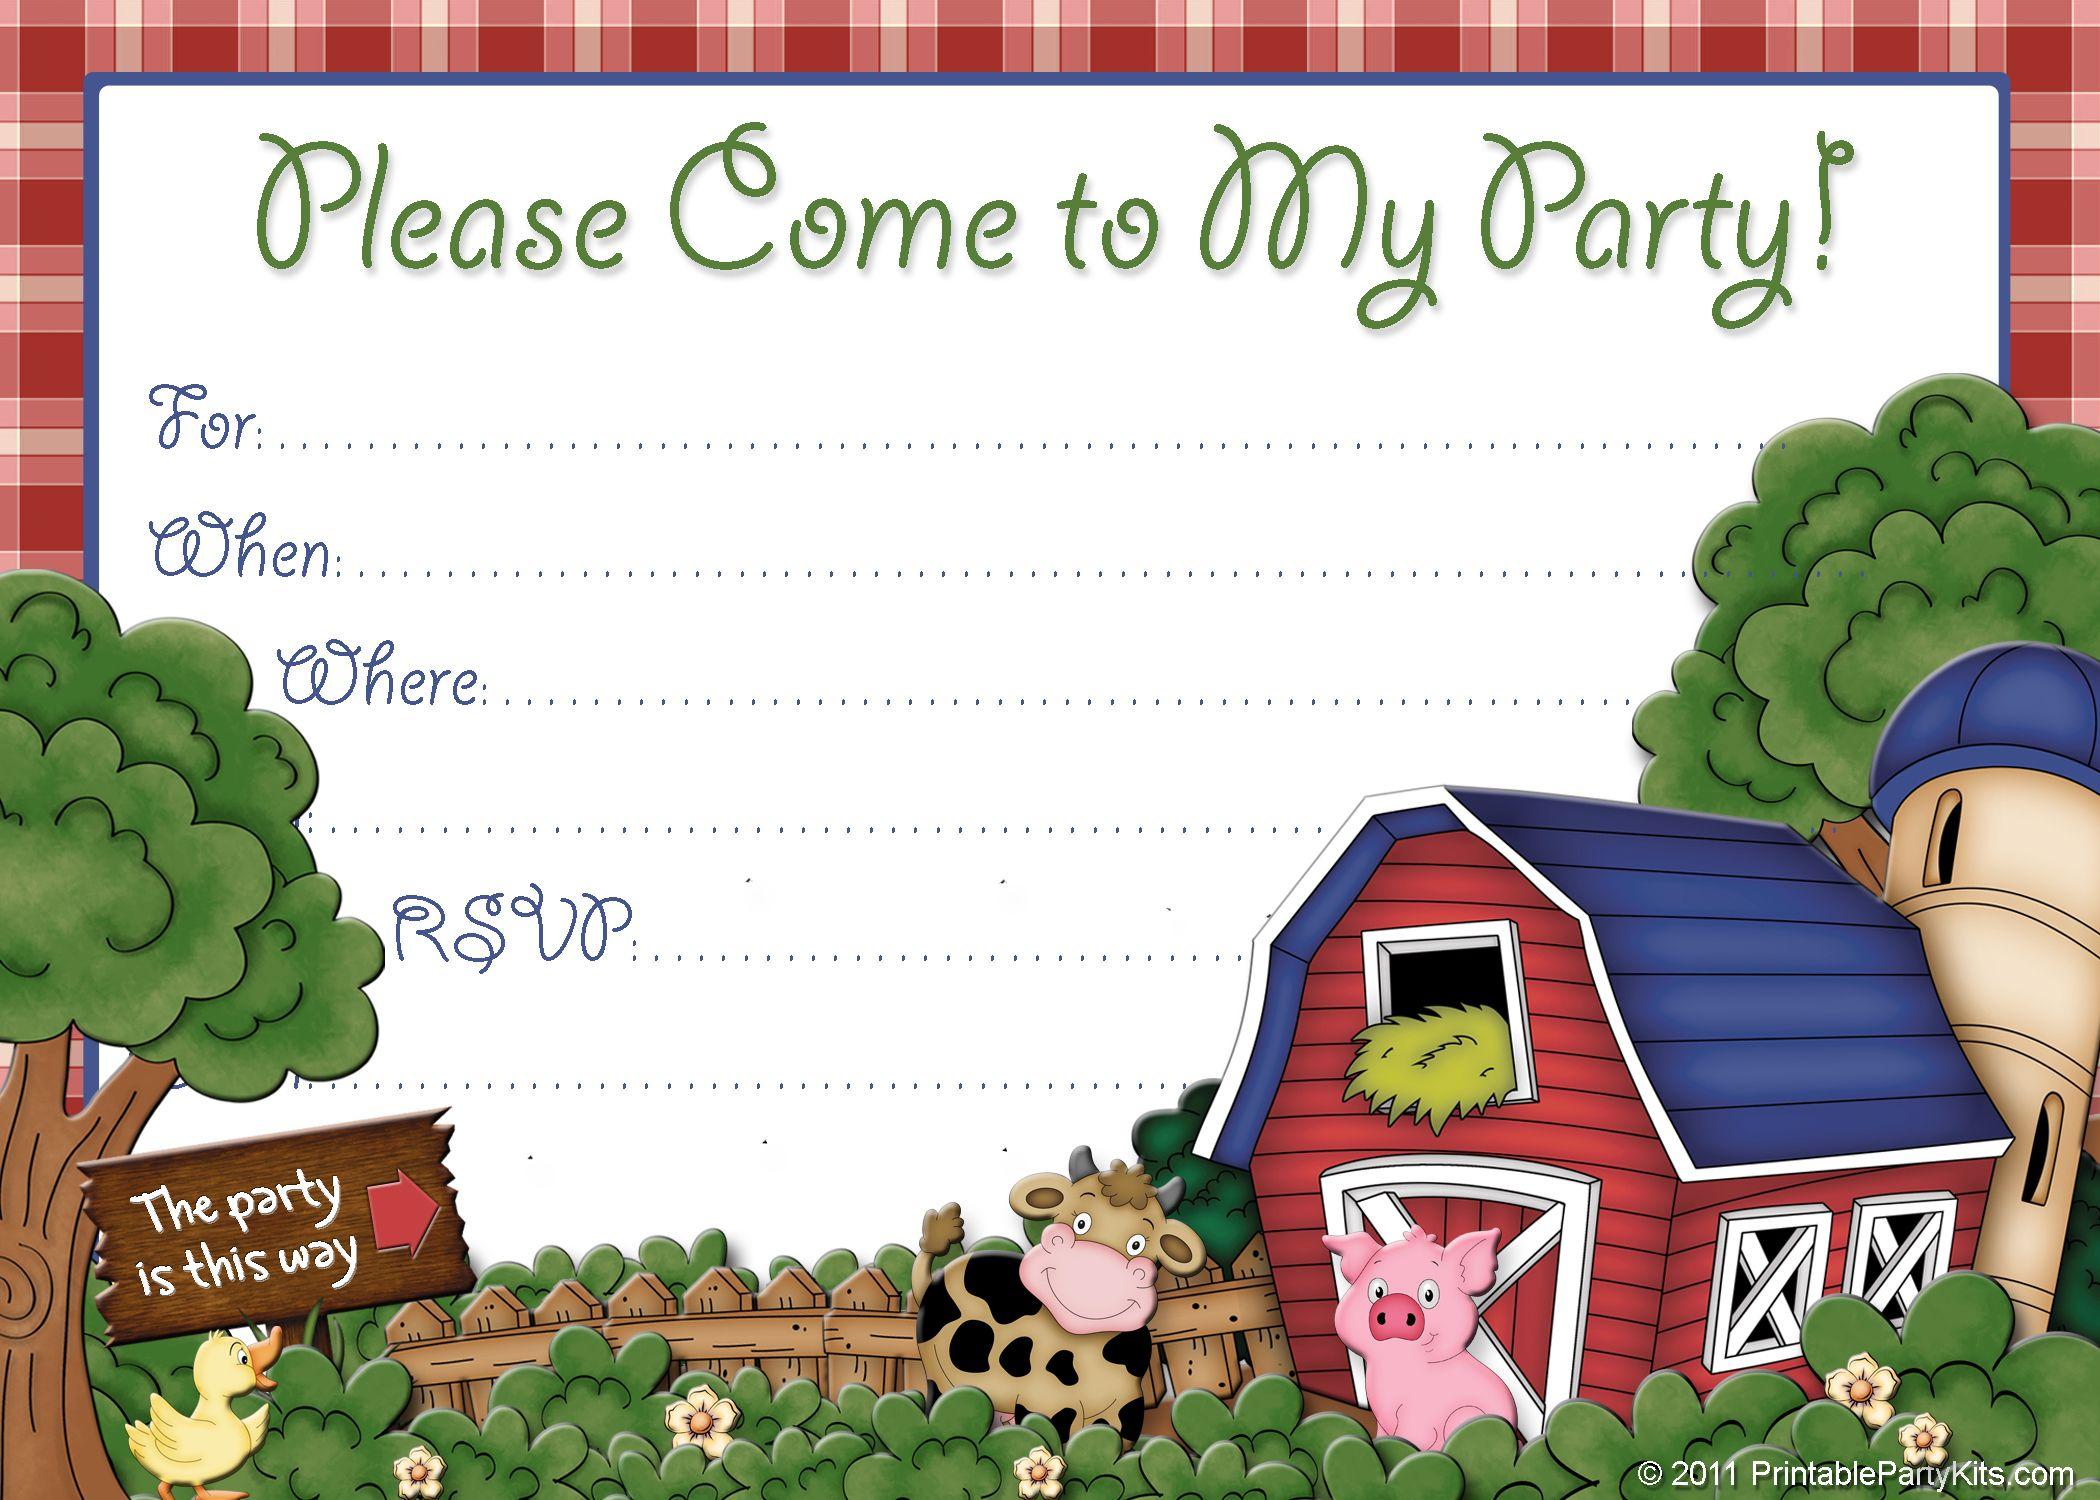 Free Printable Boys Birthday Party Invitations | Boy birthday ...